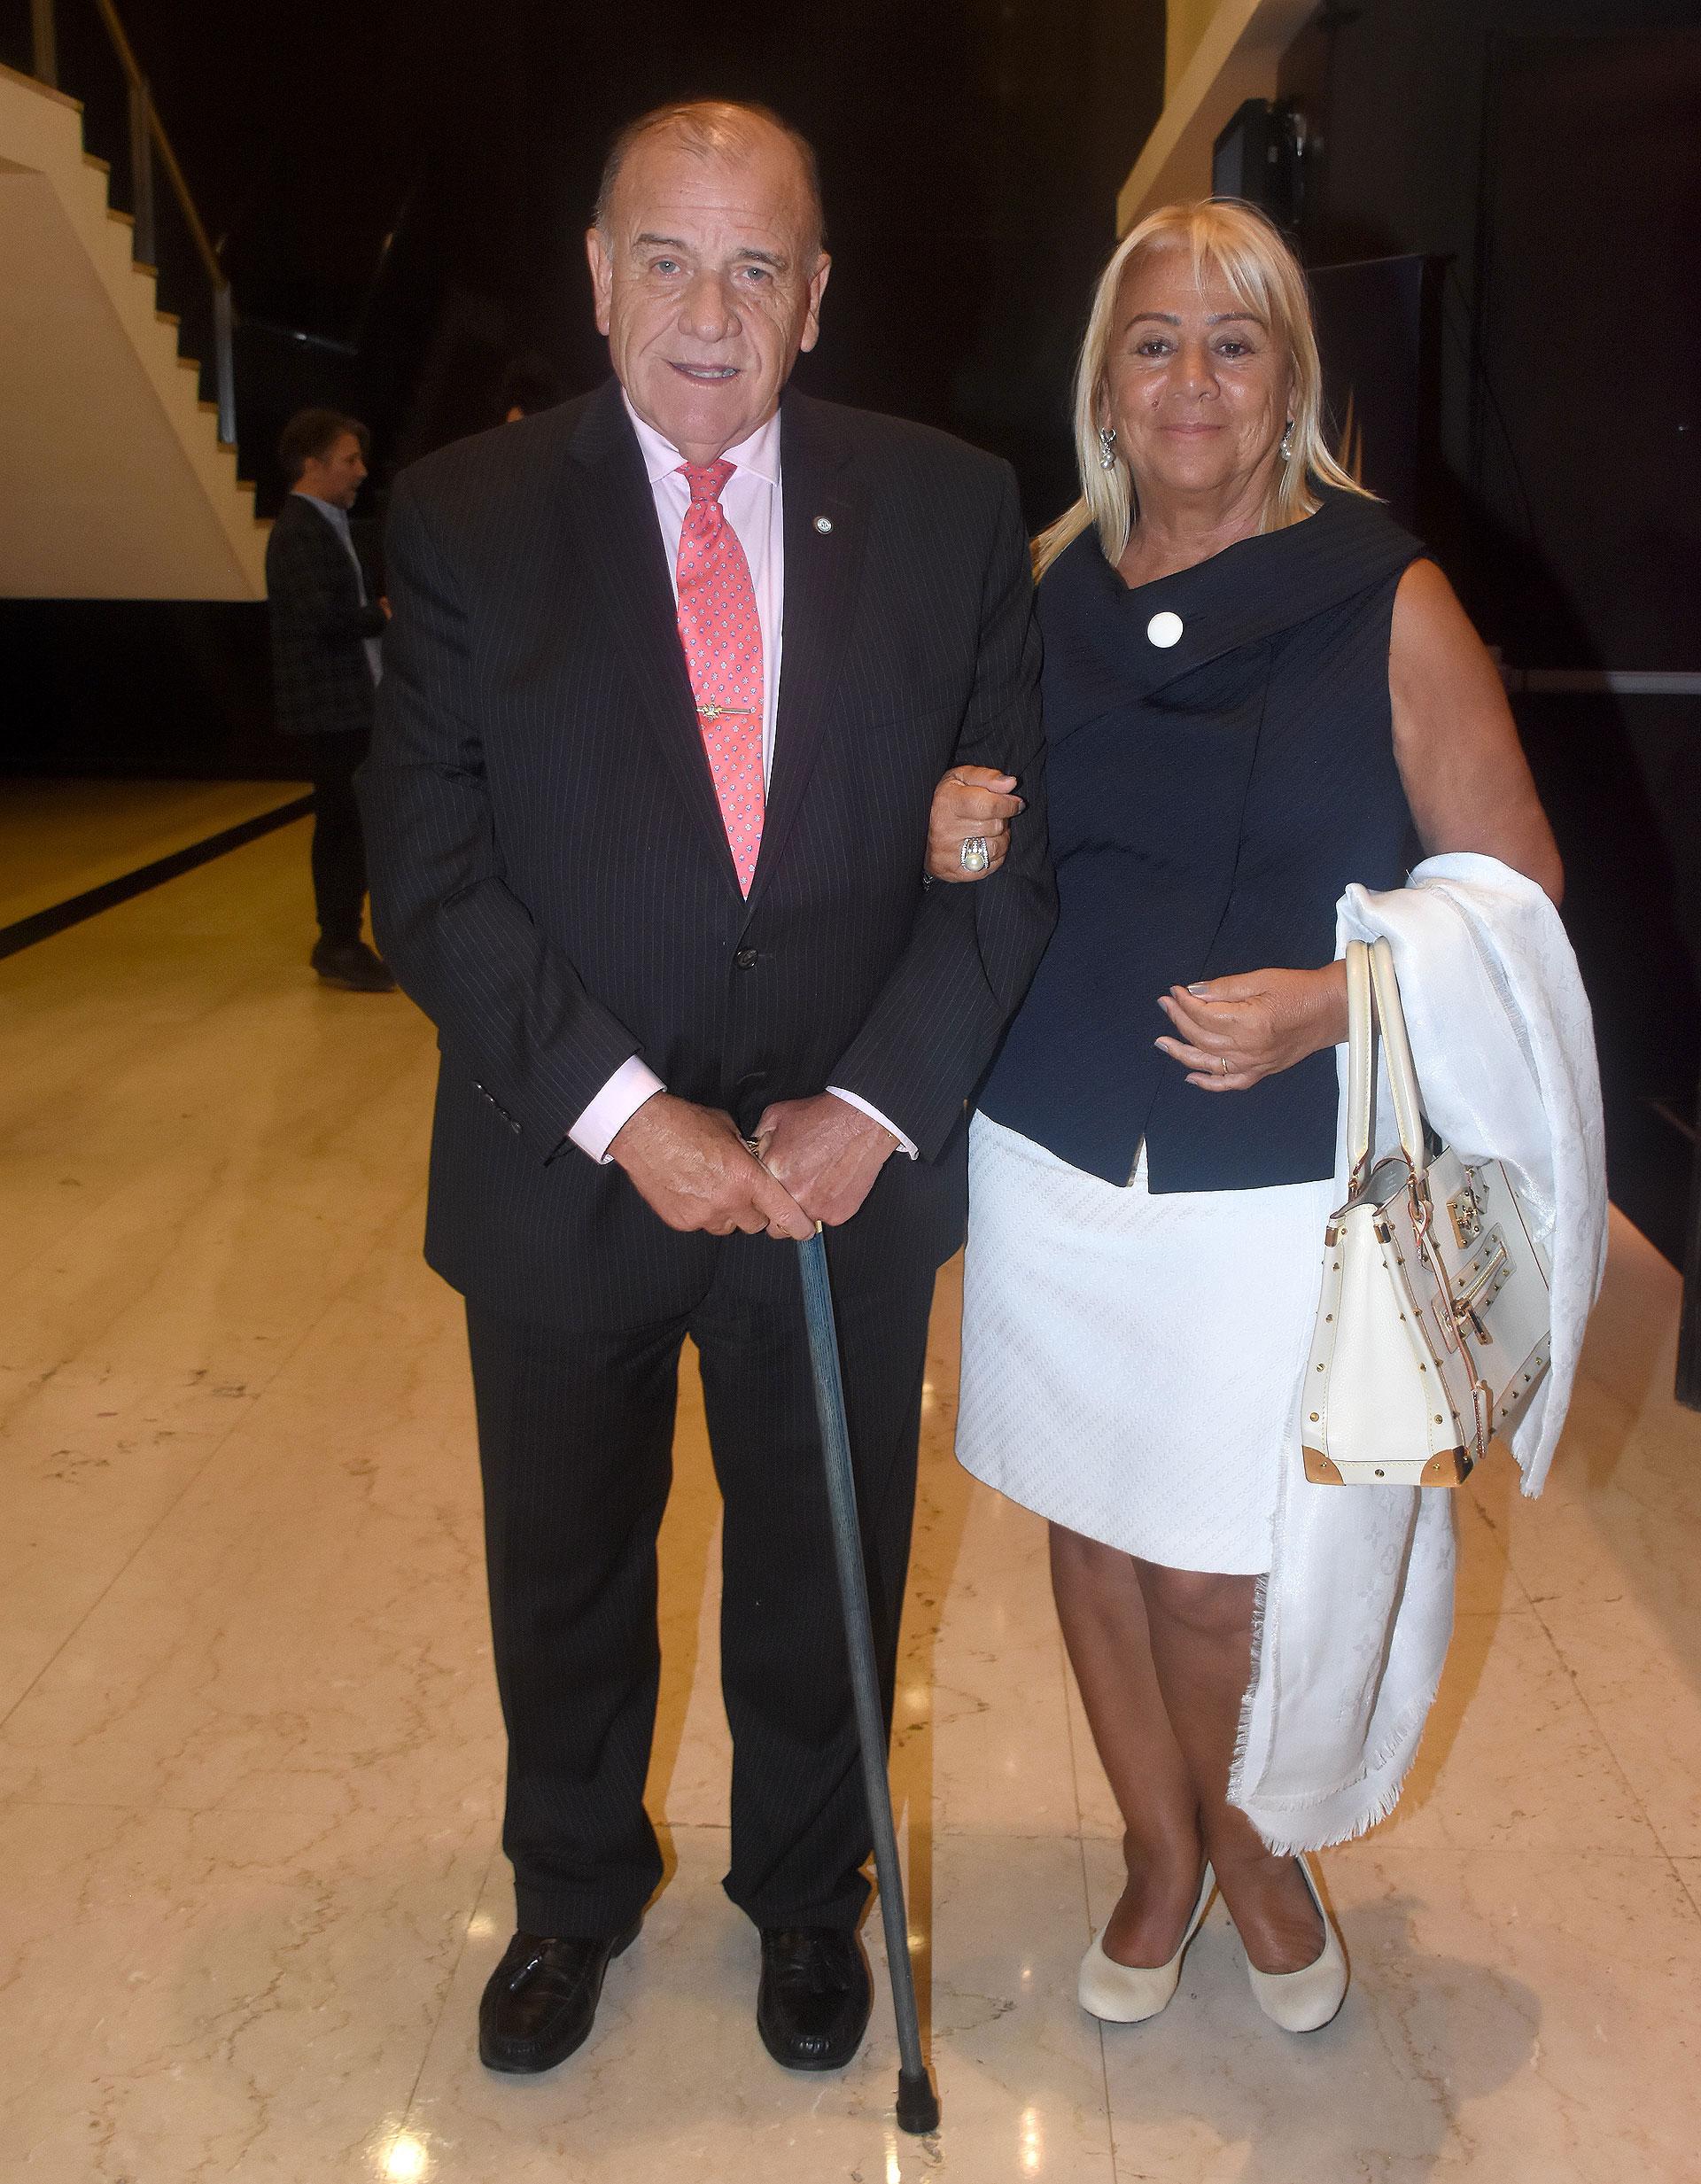 El juez de la Cámara Nacional de Apelaciones en lo Criminal y Correccional de Capital Federal, Mariano González Palazzo